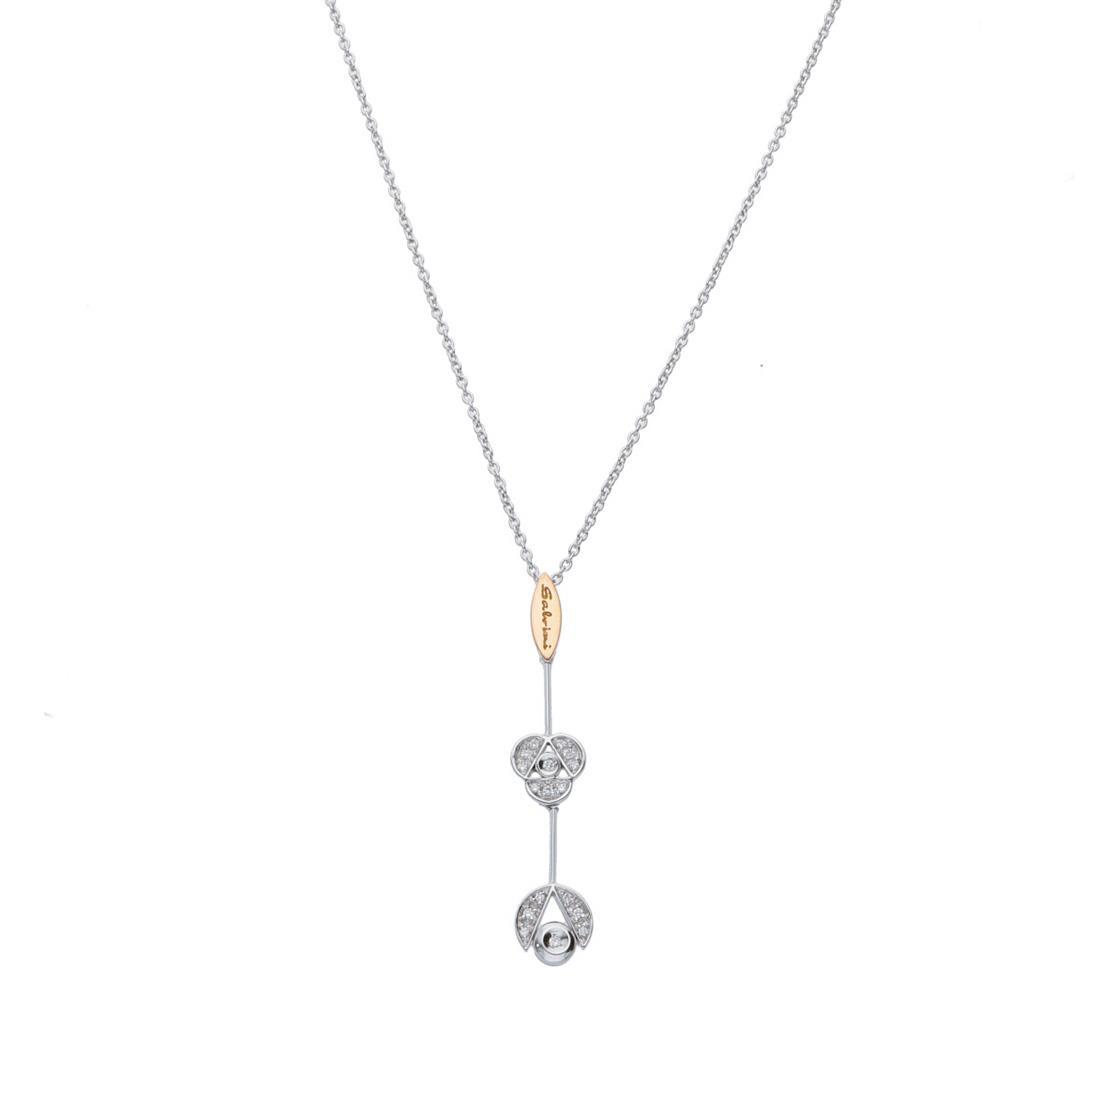 Collana in oro bianco con pendente con diamanti - SALVINI